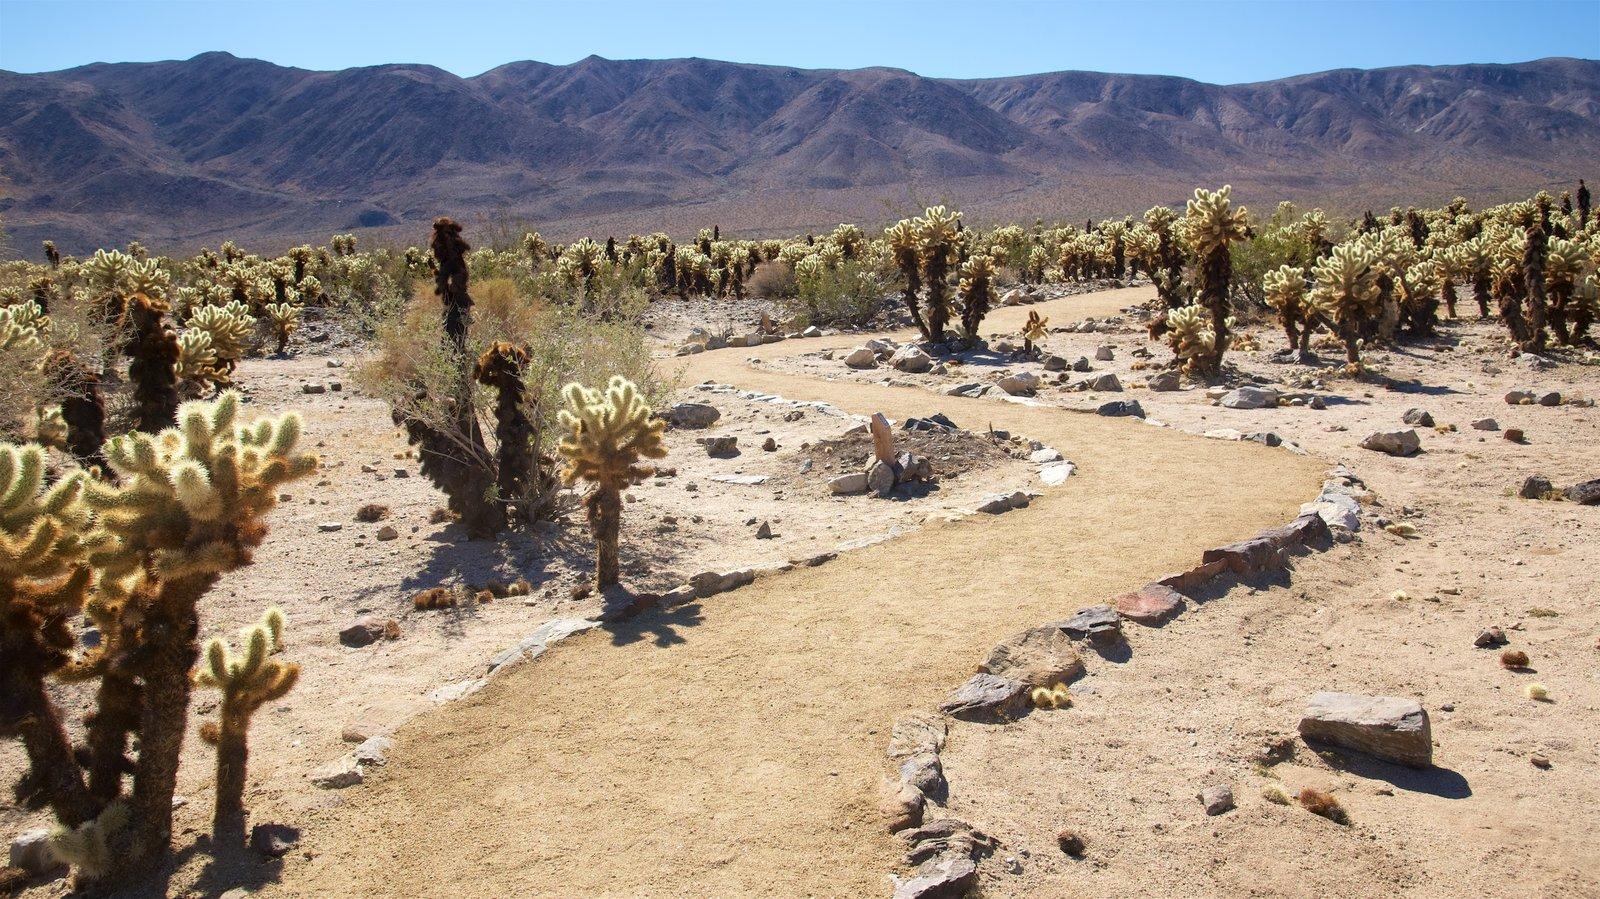 Cholla Cactus Garden caracterizando paisagens do deserto e paisagem